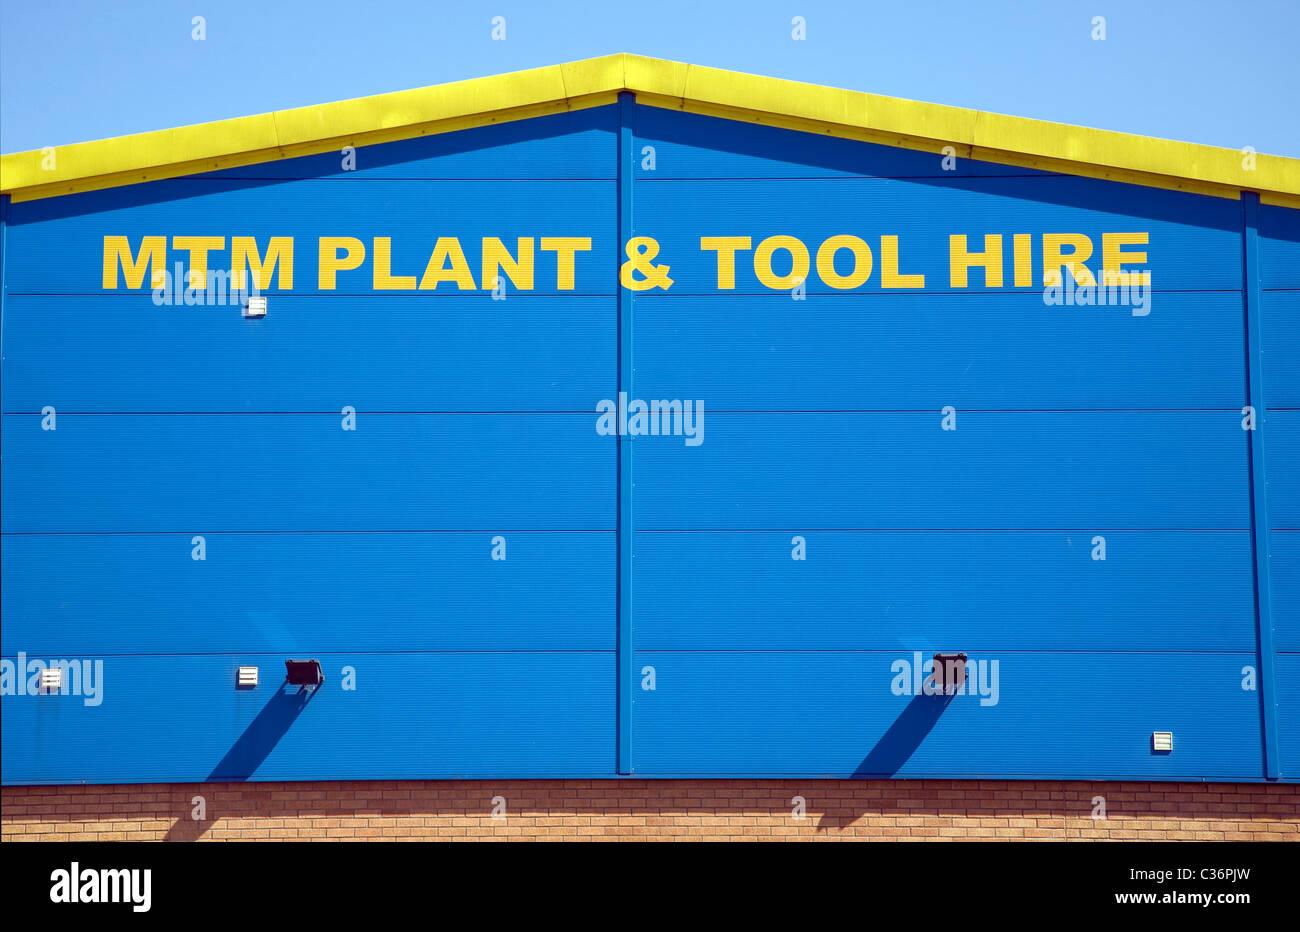 Giallo e blu graphic design pattern su edificio industriale MTM impianto lo strumento e la società di noleggio Immagini Stock